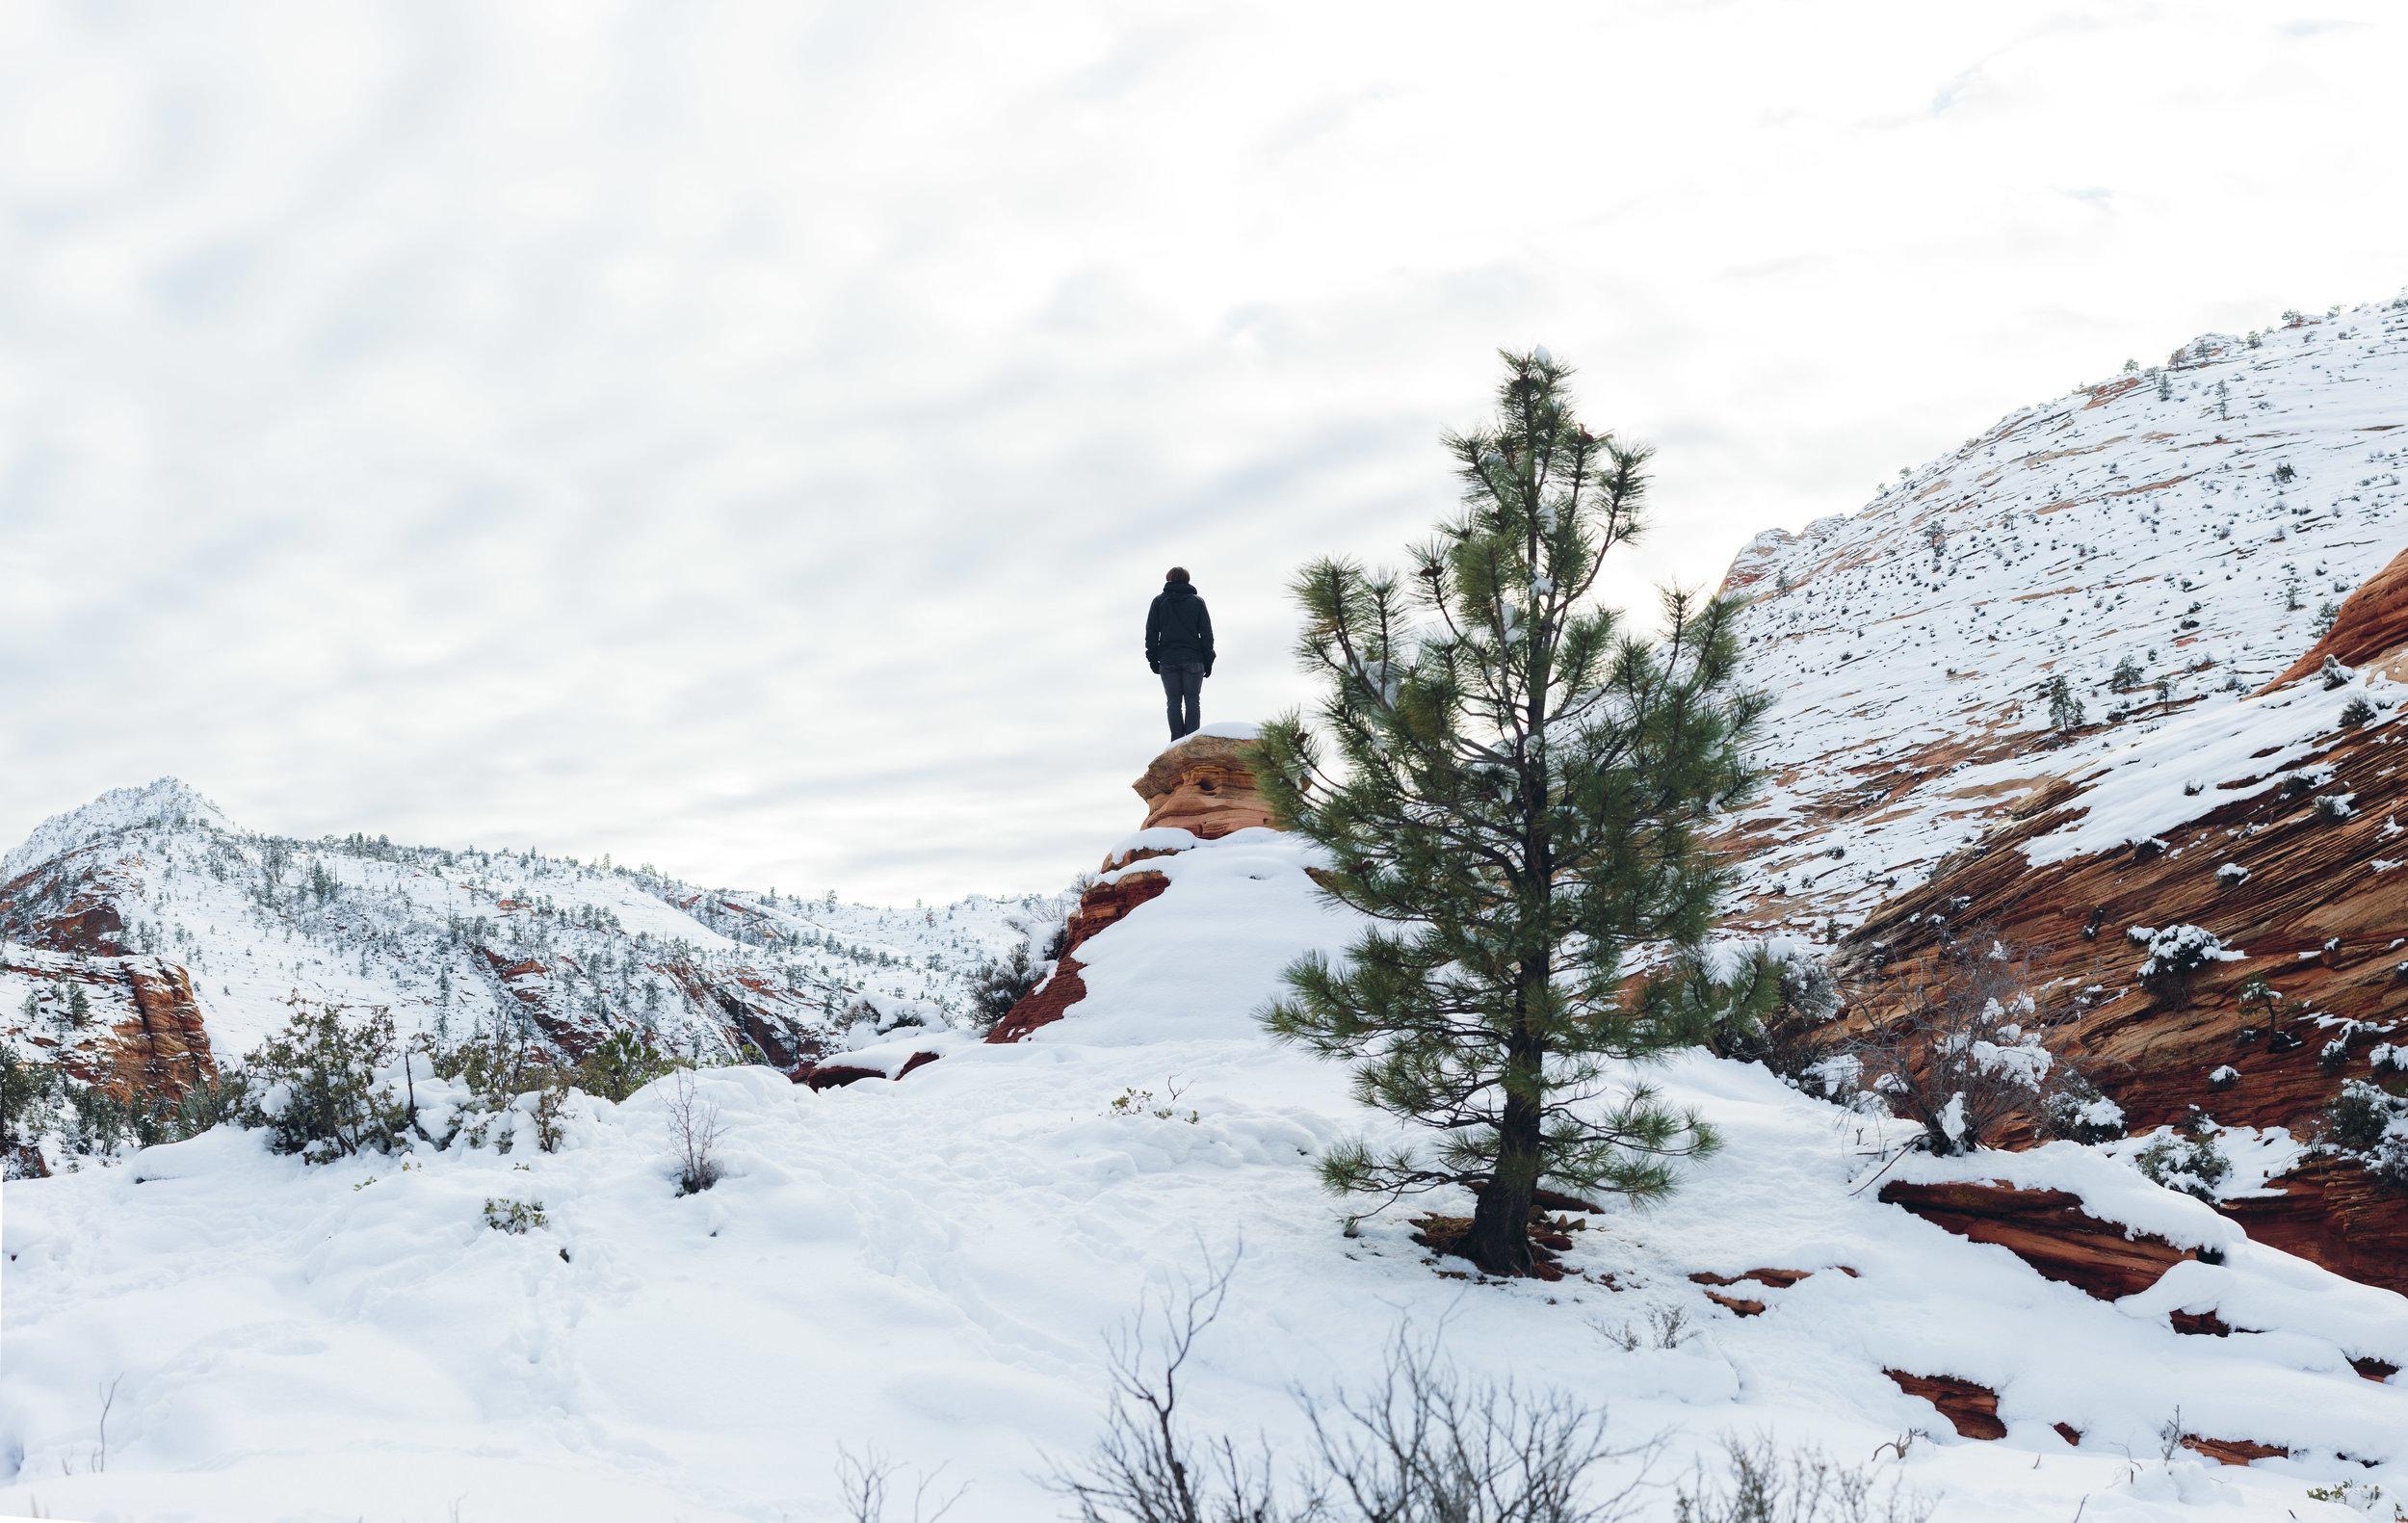 Epic landscape Zion National Park